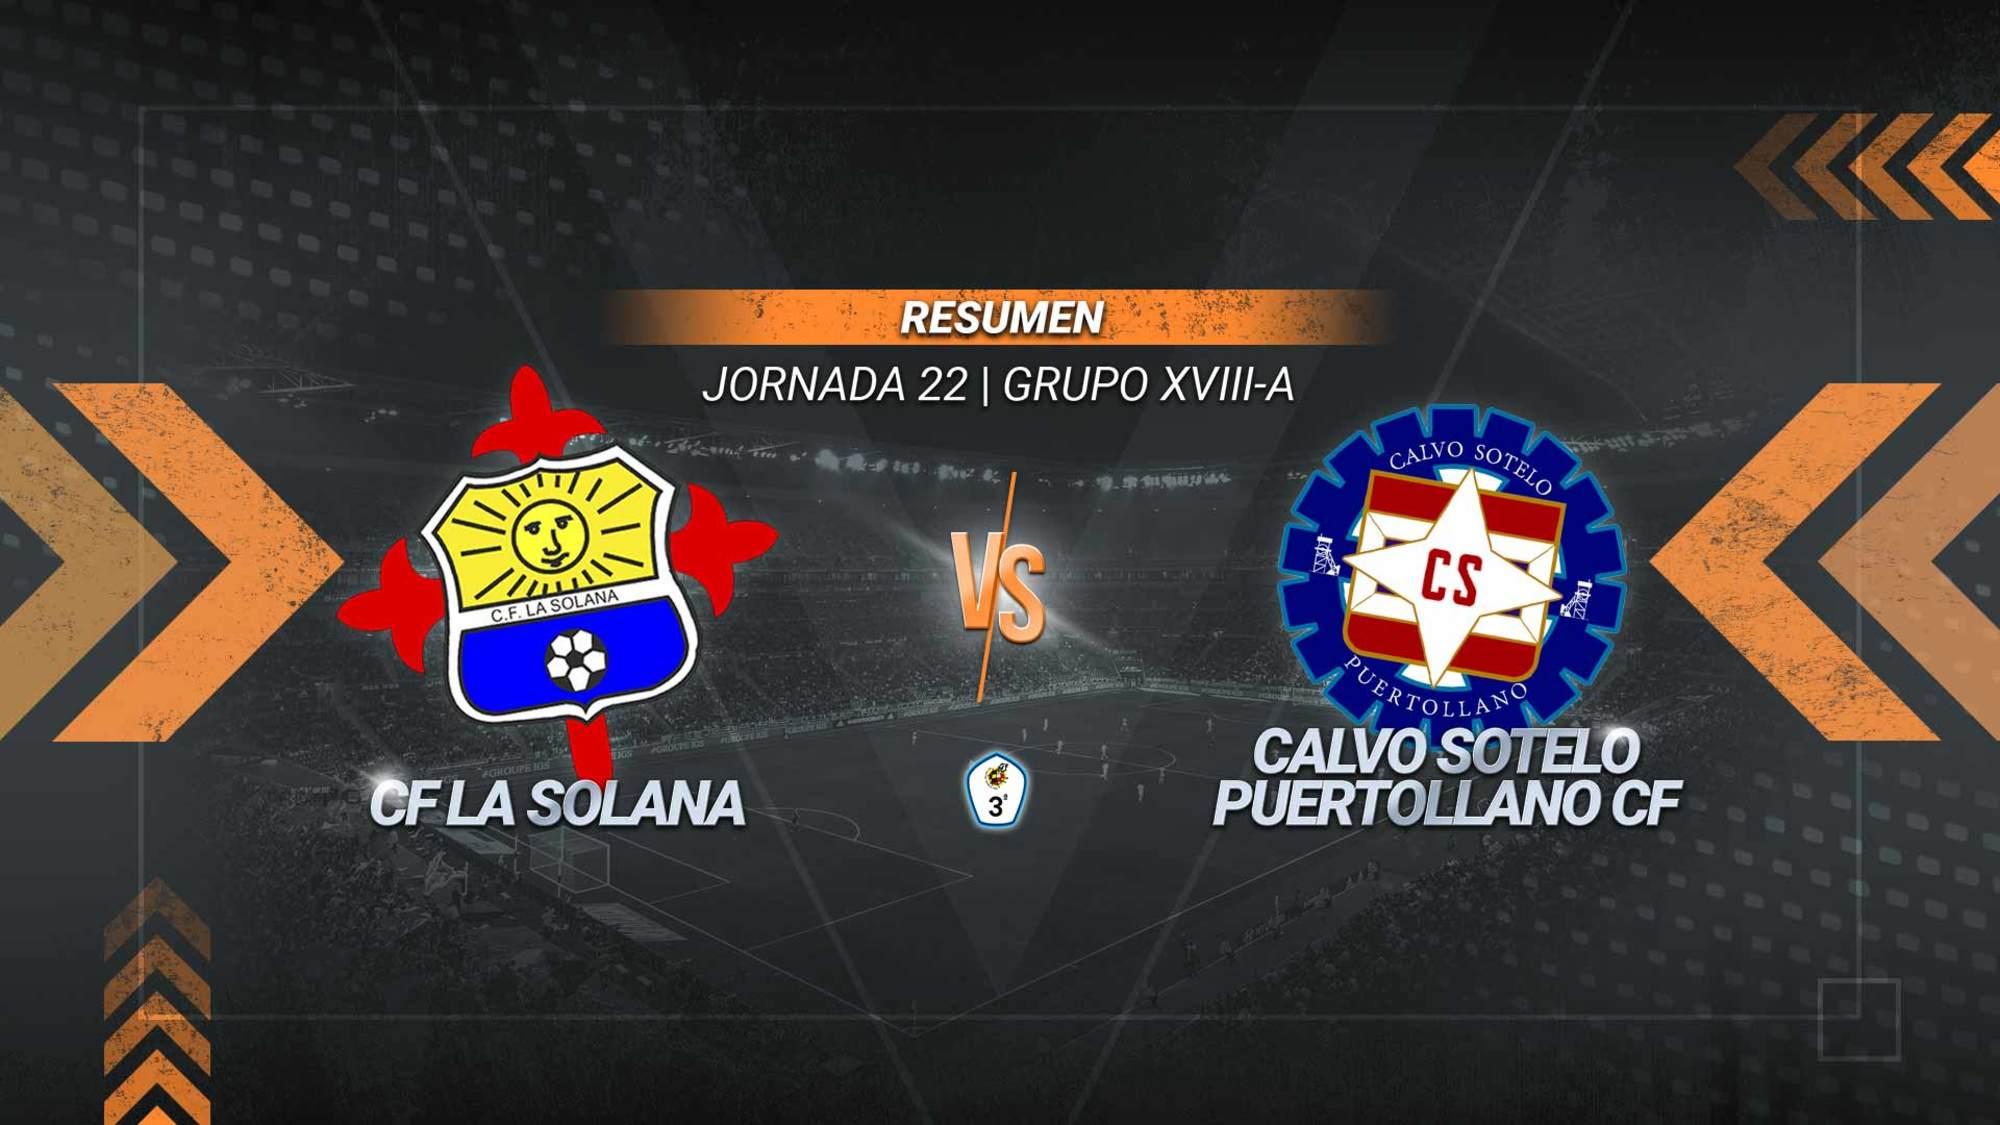 El Calvo Sotelo remonta en La Moheda y suma su séptimo triunfo consecutivo. Los goles de Iván Limón, Higgins y Domenech sitúan a los de Darío Martín con 44 puntos para su lucha por el ascenso. La Solana jugará por la permanencia al acabar en la décima posición.